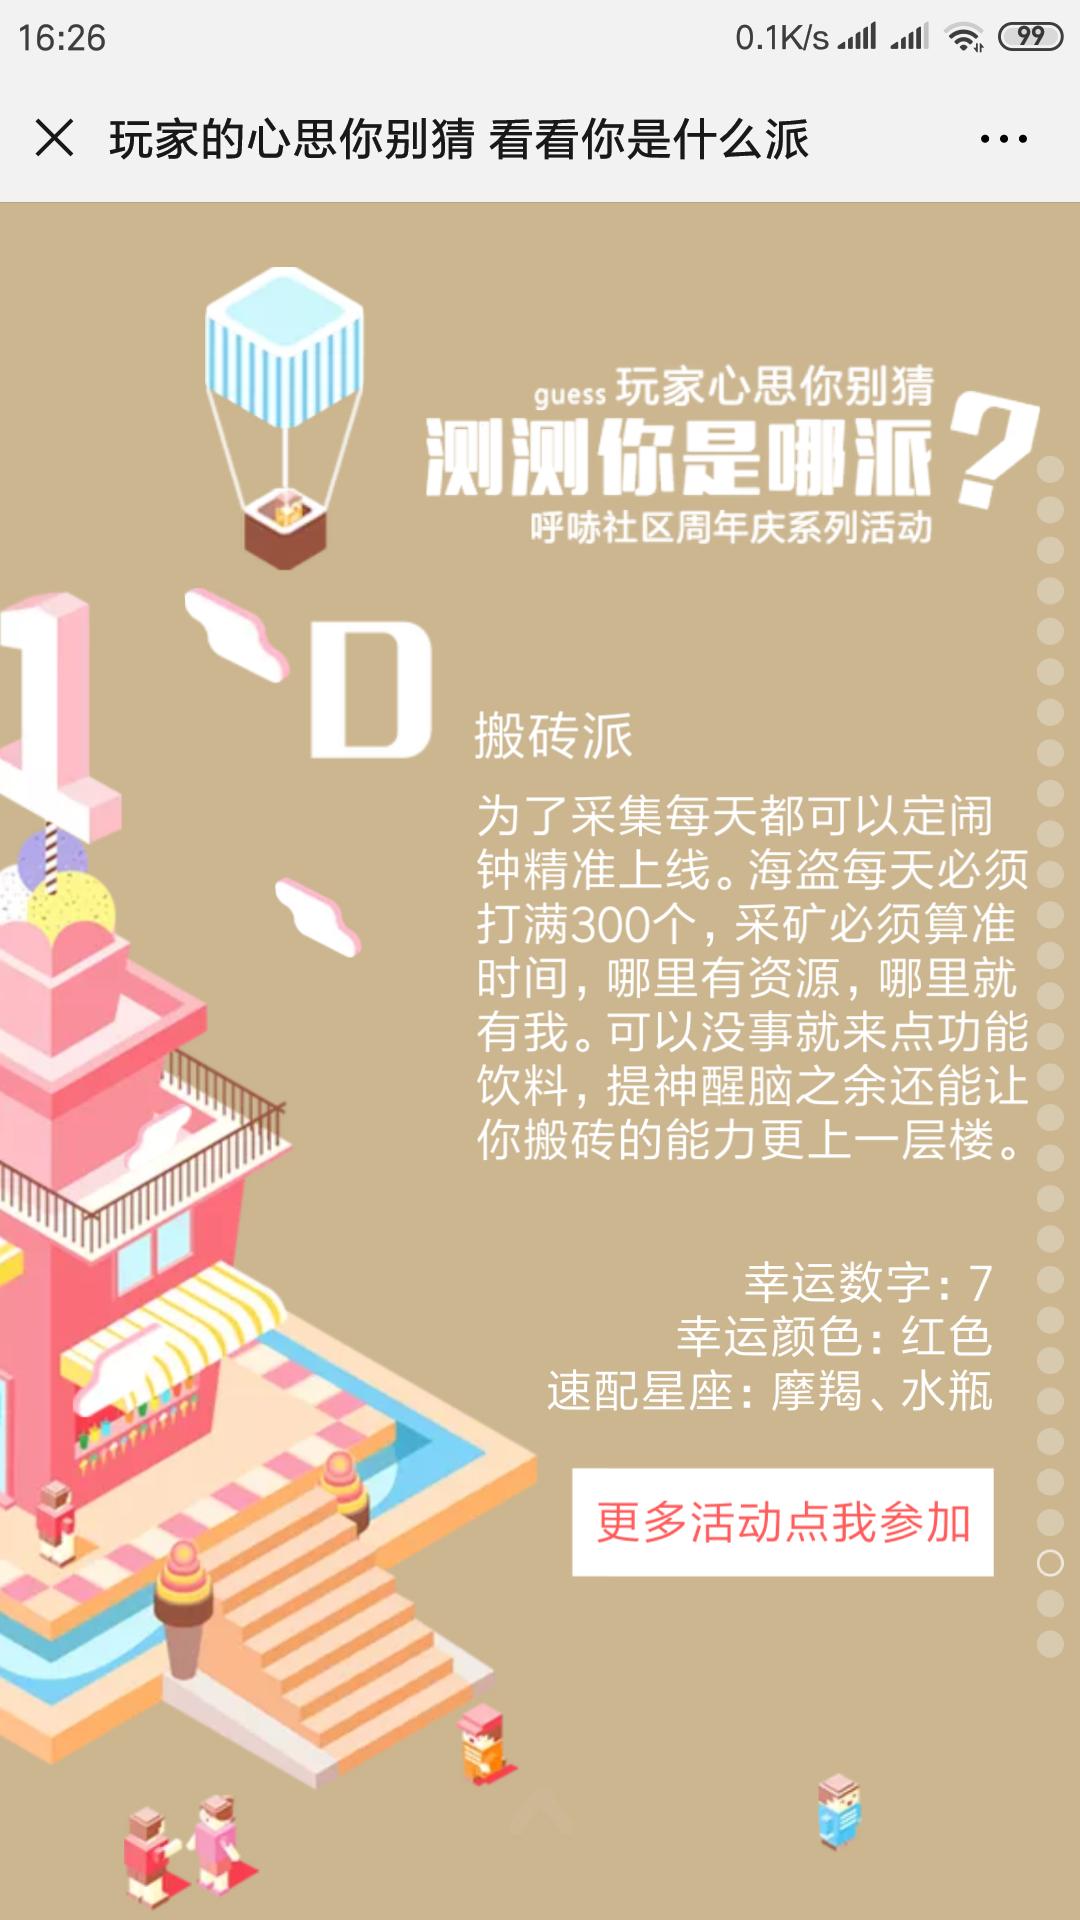 Screenshot_2019-07-25-16-26-06-600_com.tencent.mm.png